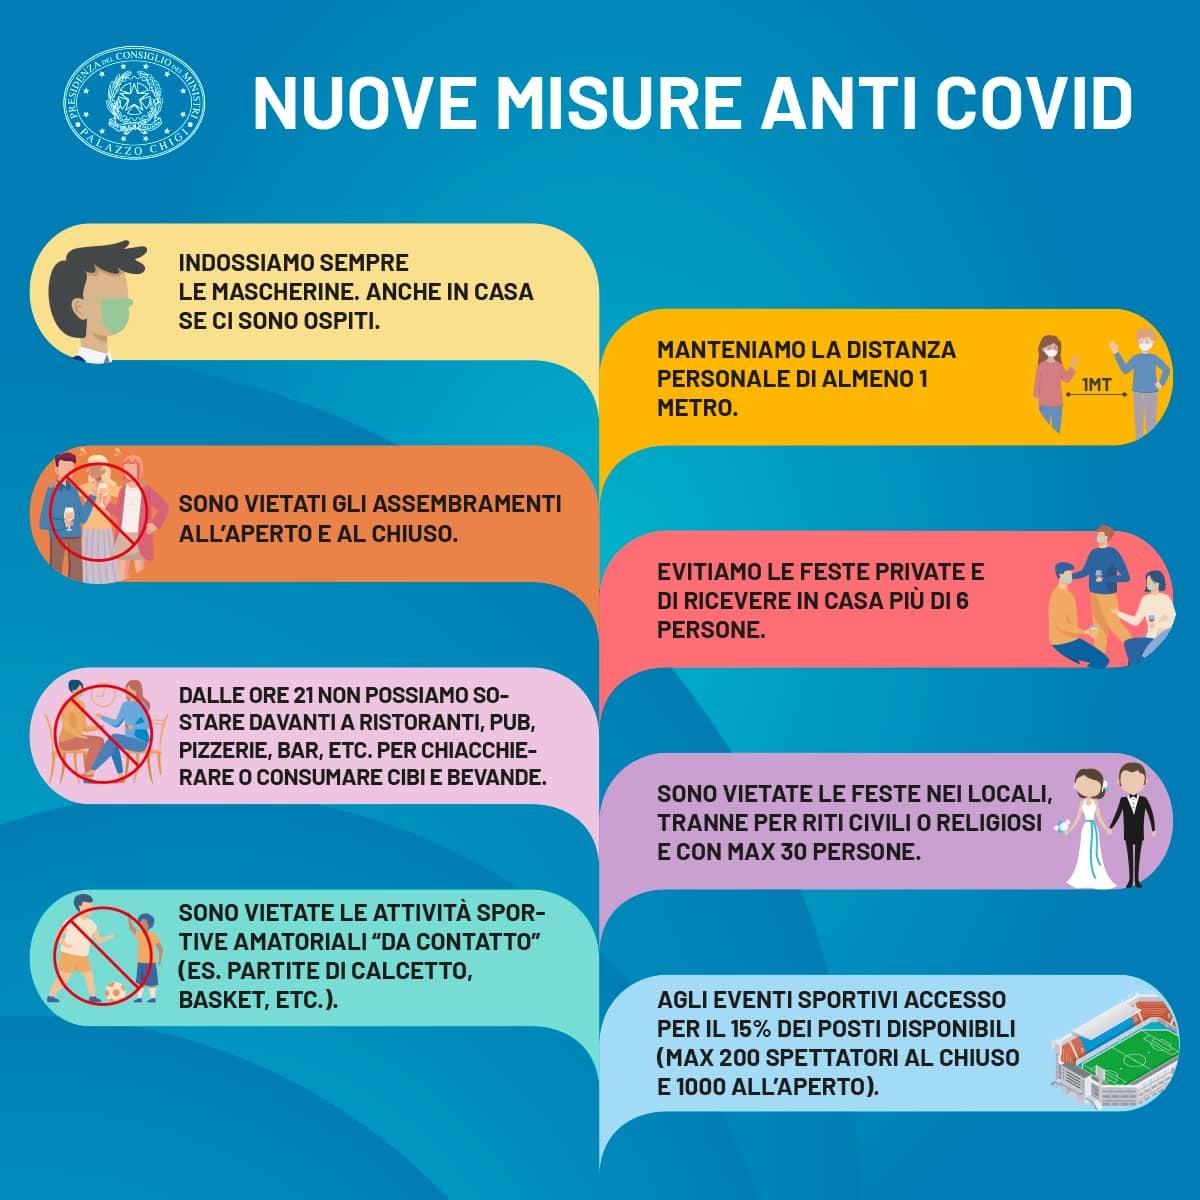 Norme anti Covid DPCM 13.10.2020